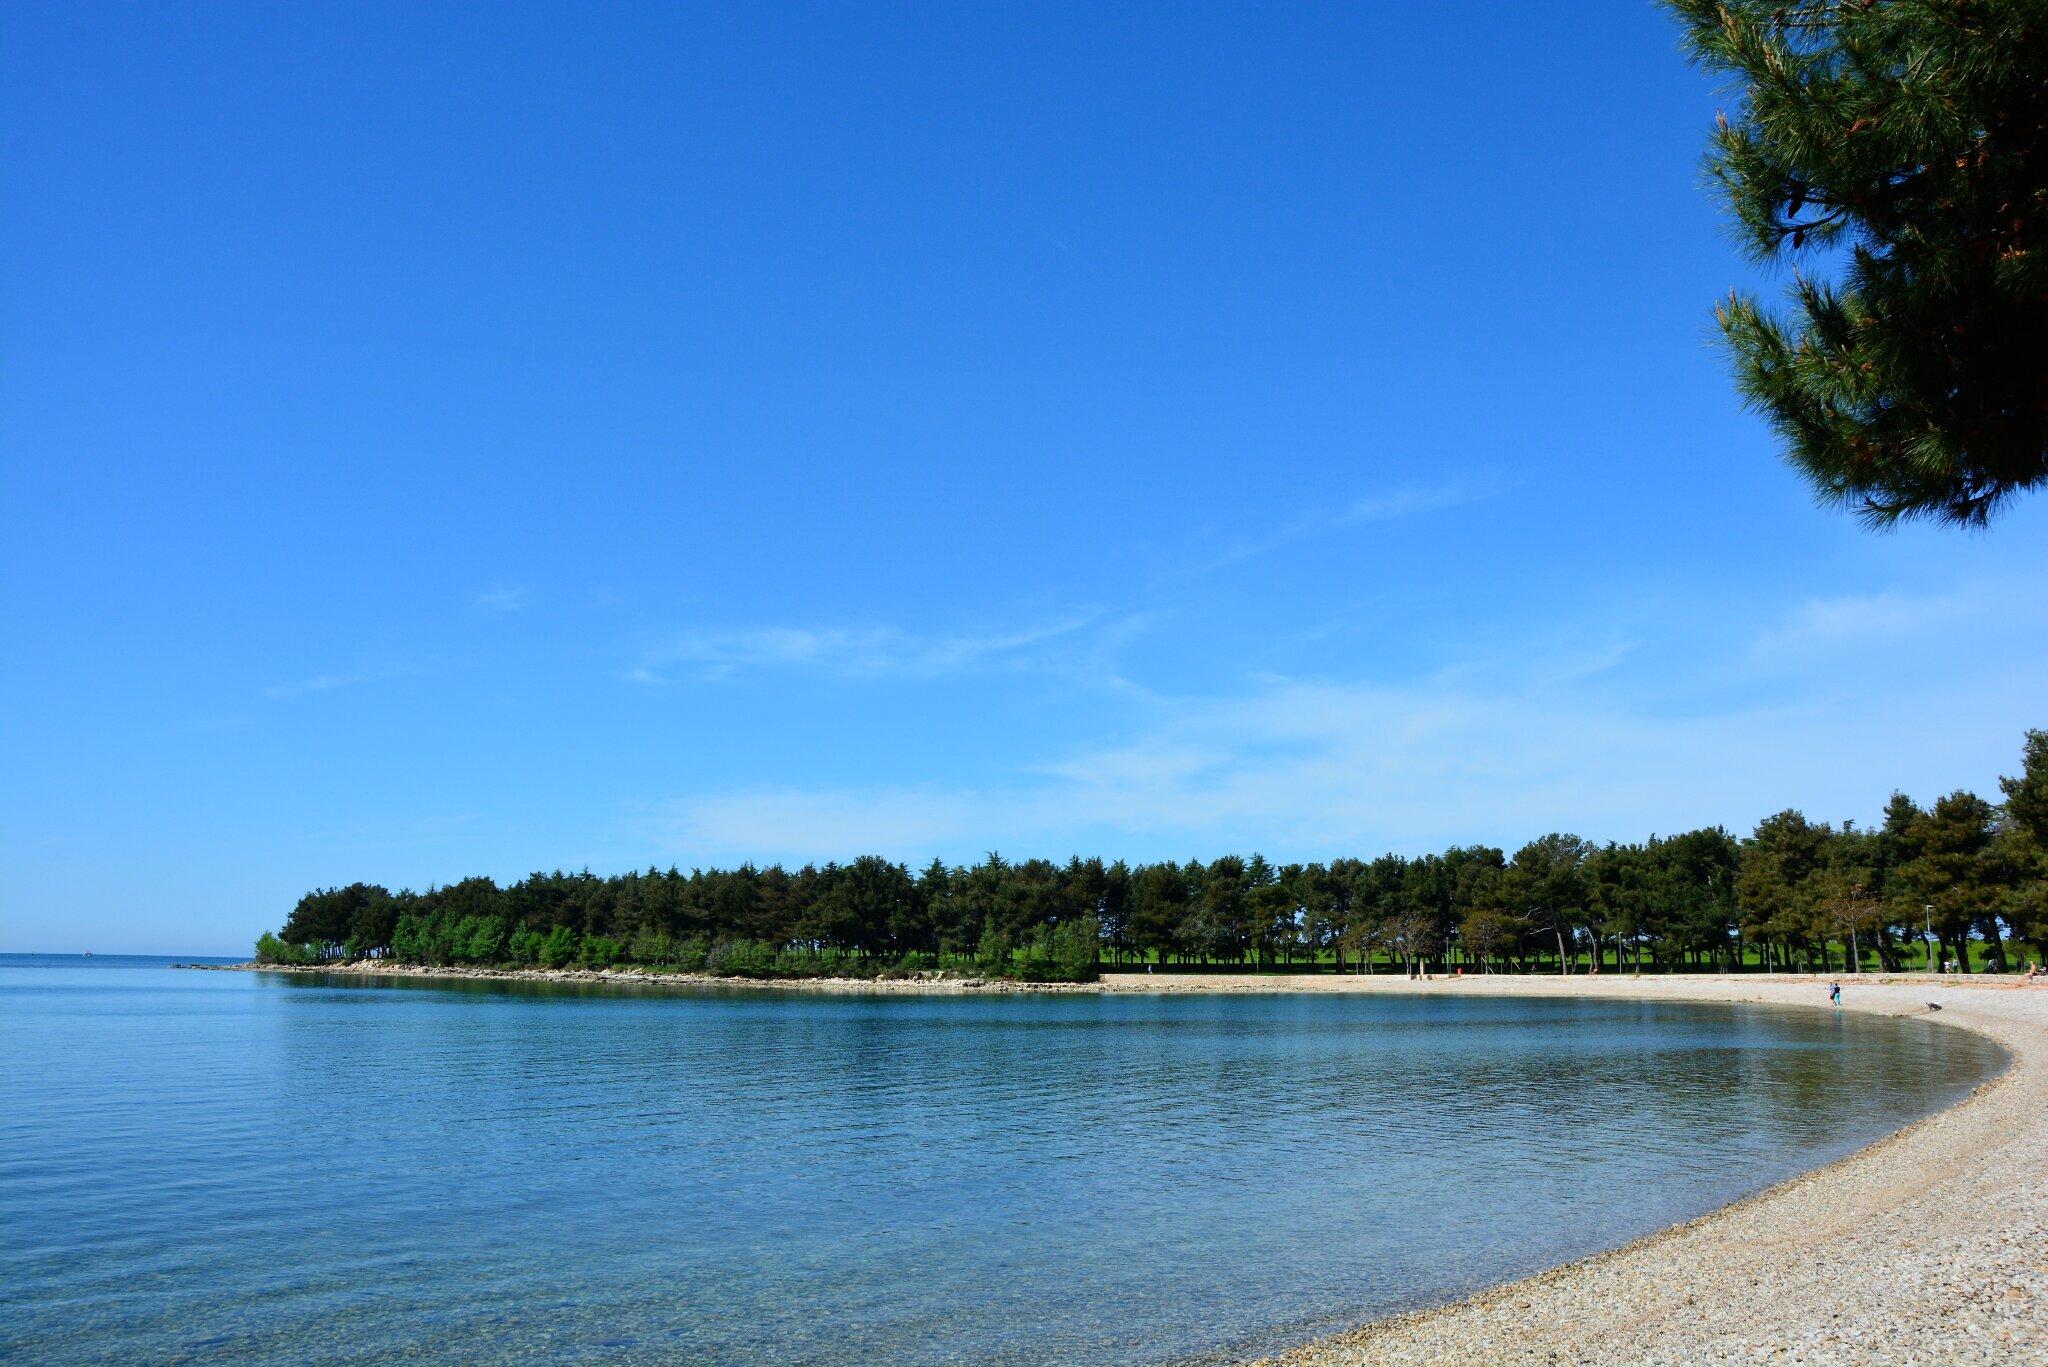 Restauran und beste Cafe Vitriol